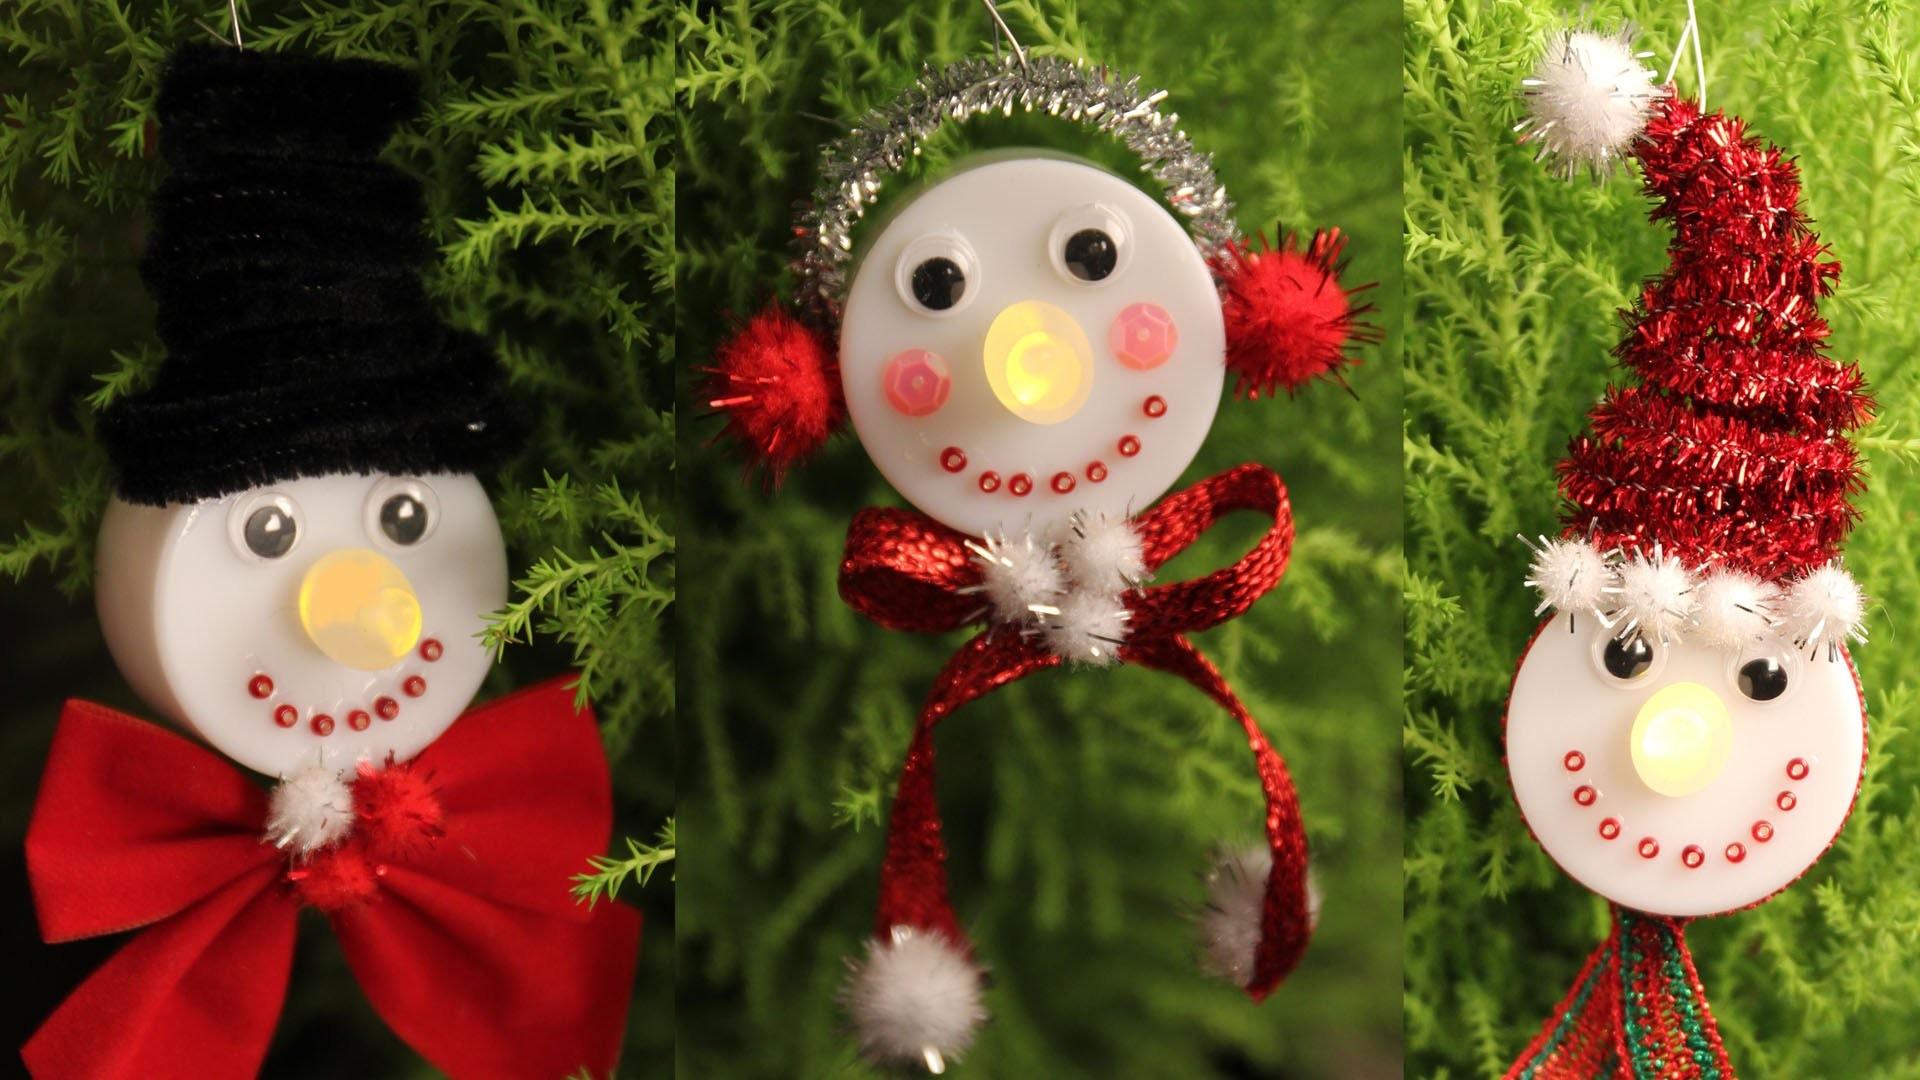 Snowman Tea Light Christmas Ornaments  - The Cutest DIY!